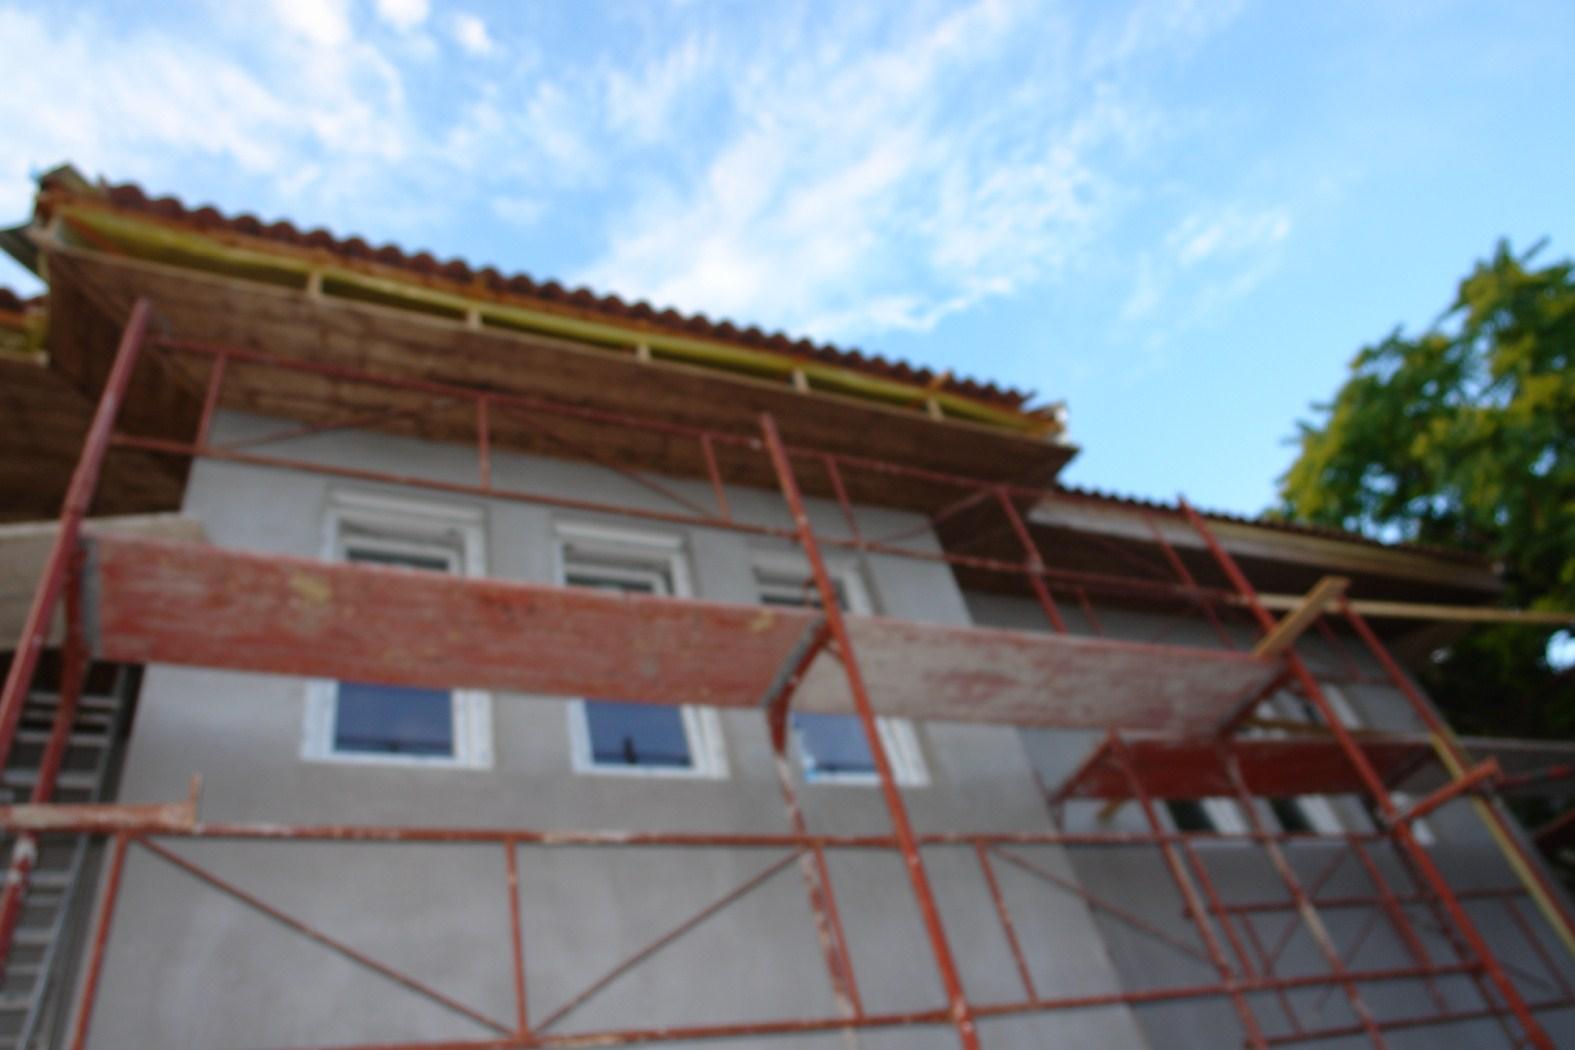 Photo of Készház építés. 48-50. nap. EnergyFriendHome készház ereszcsatorna és ragalja lambéria elkészítése